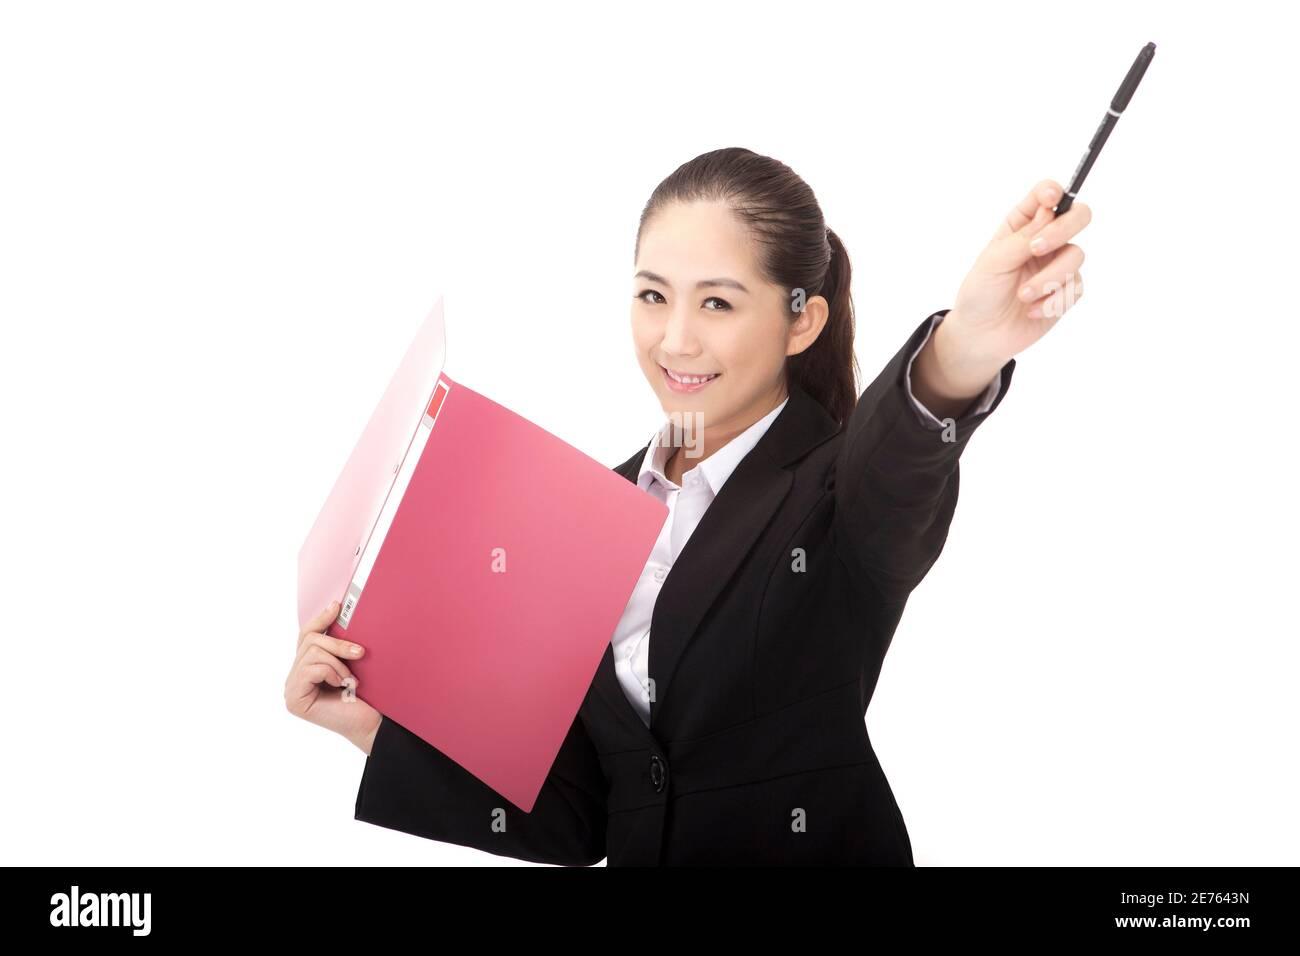 Femme d'affaires avec dossier photo de haute qualité Banque D'Images